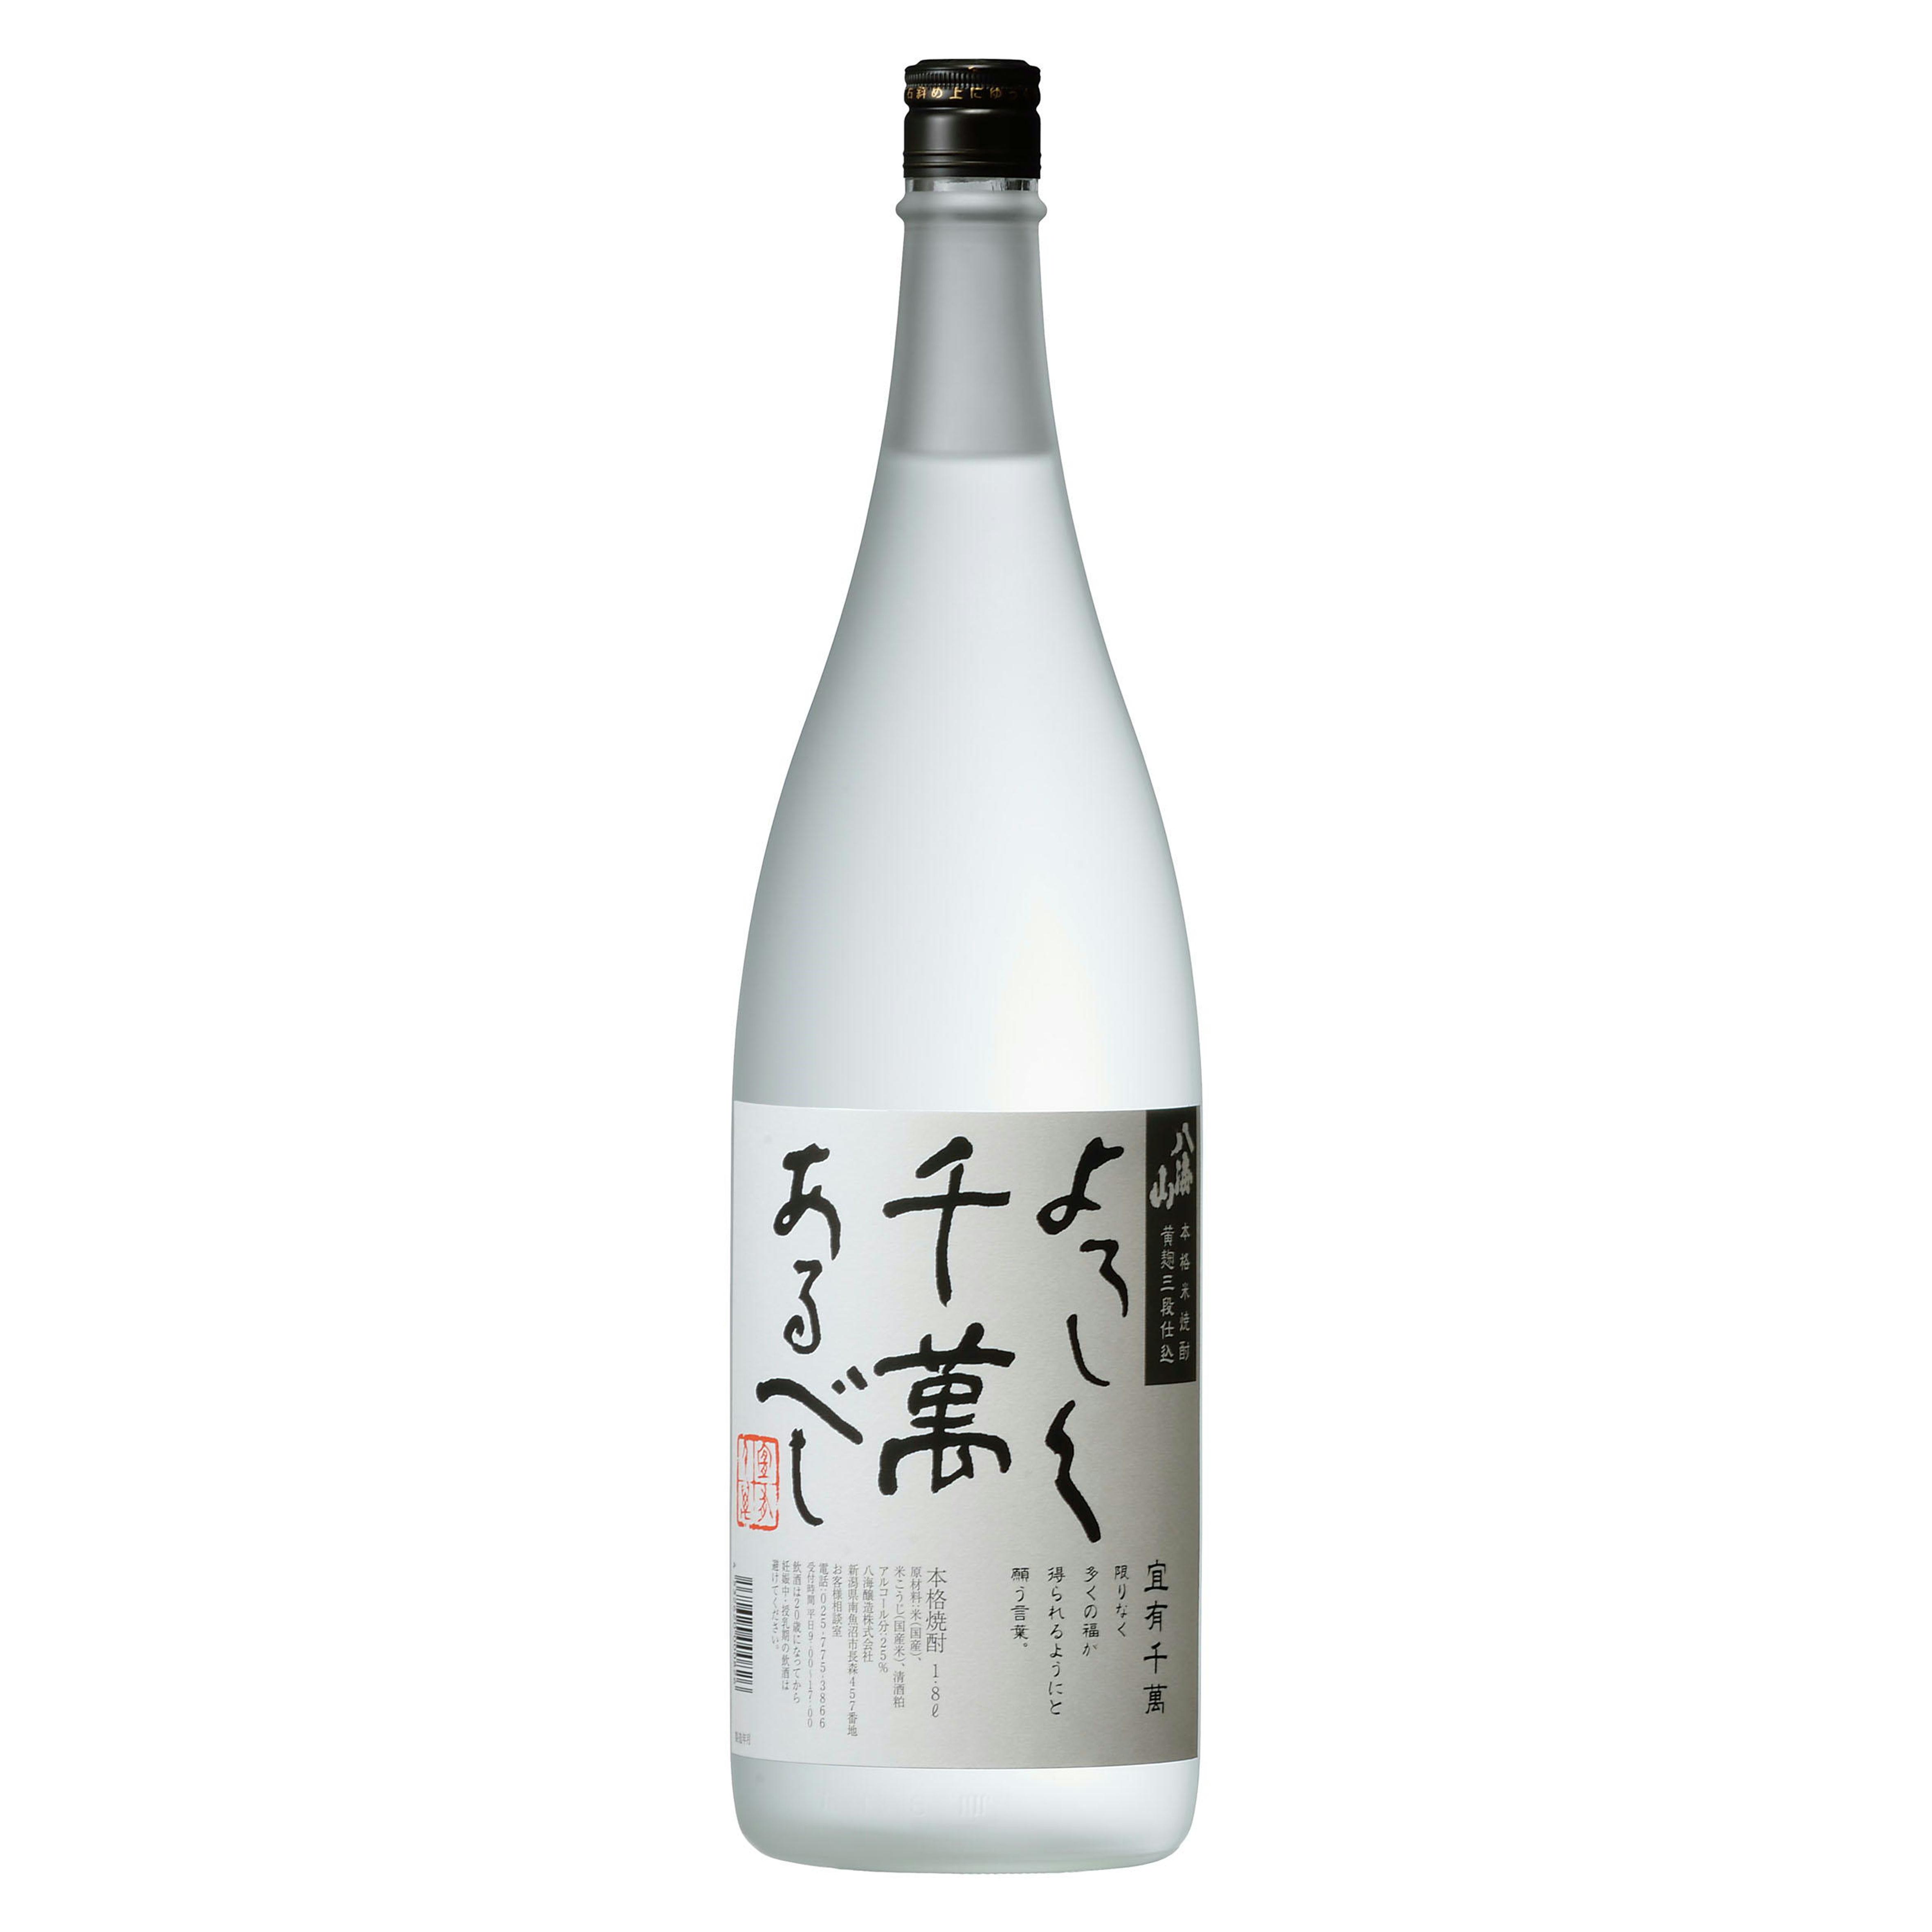 八海山米焼酎 宜有千萬(よろしくせんまんあるべし)